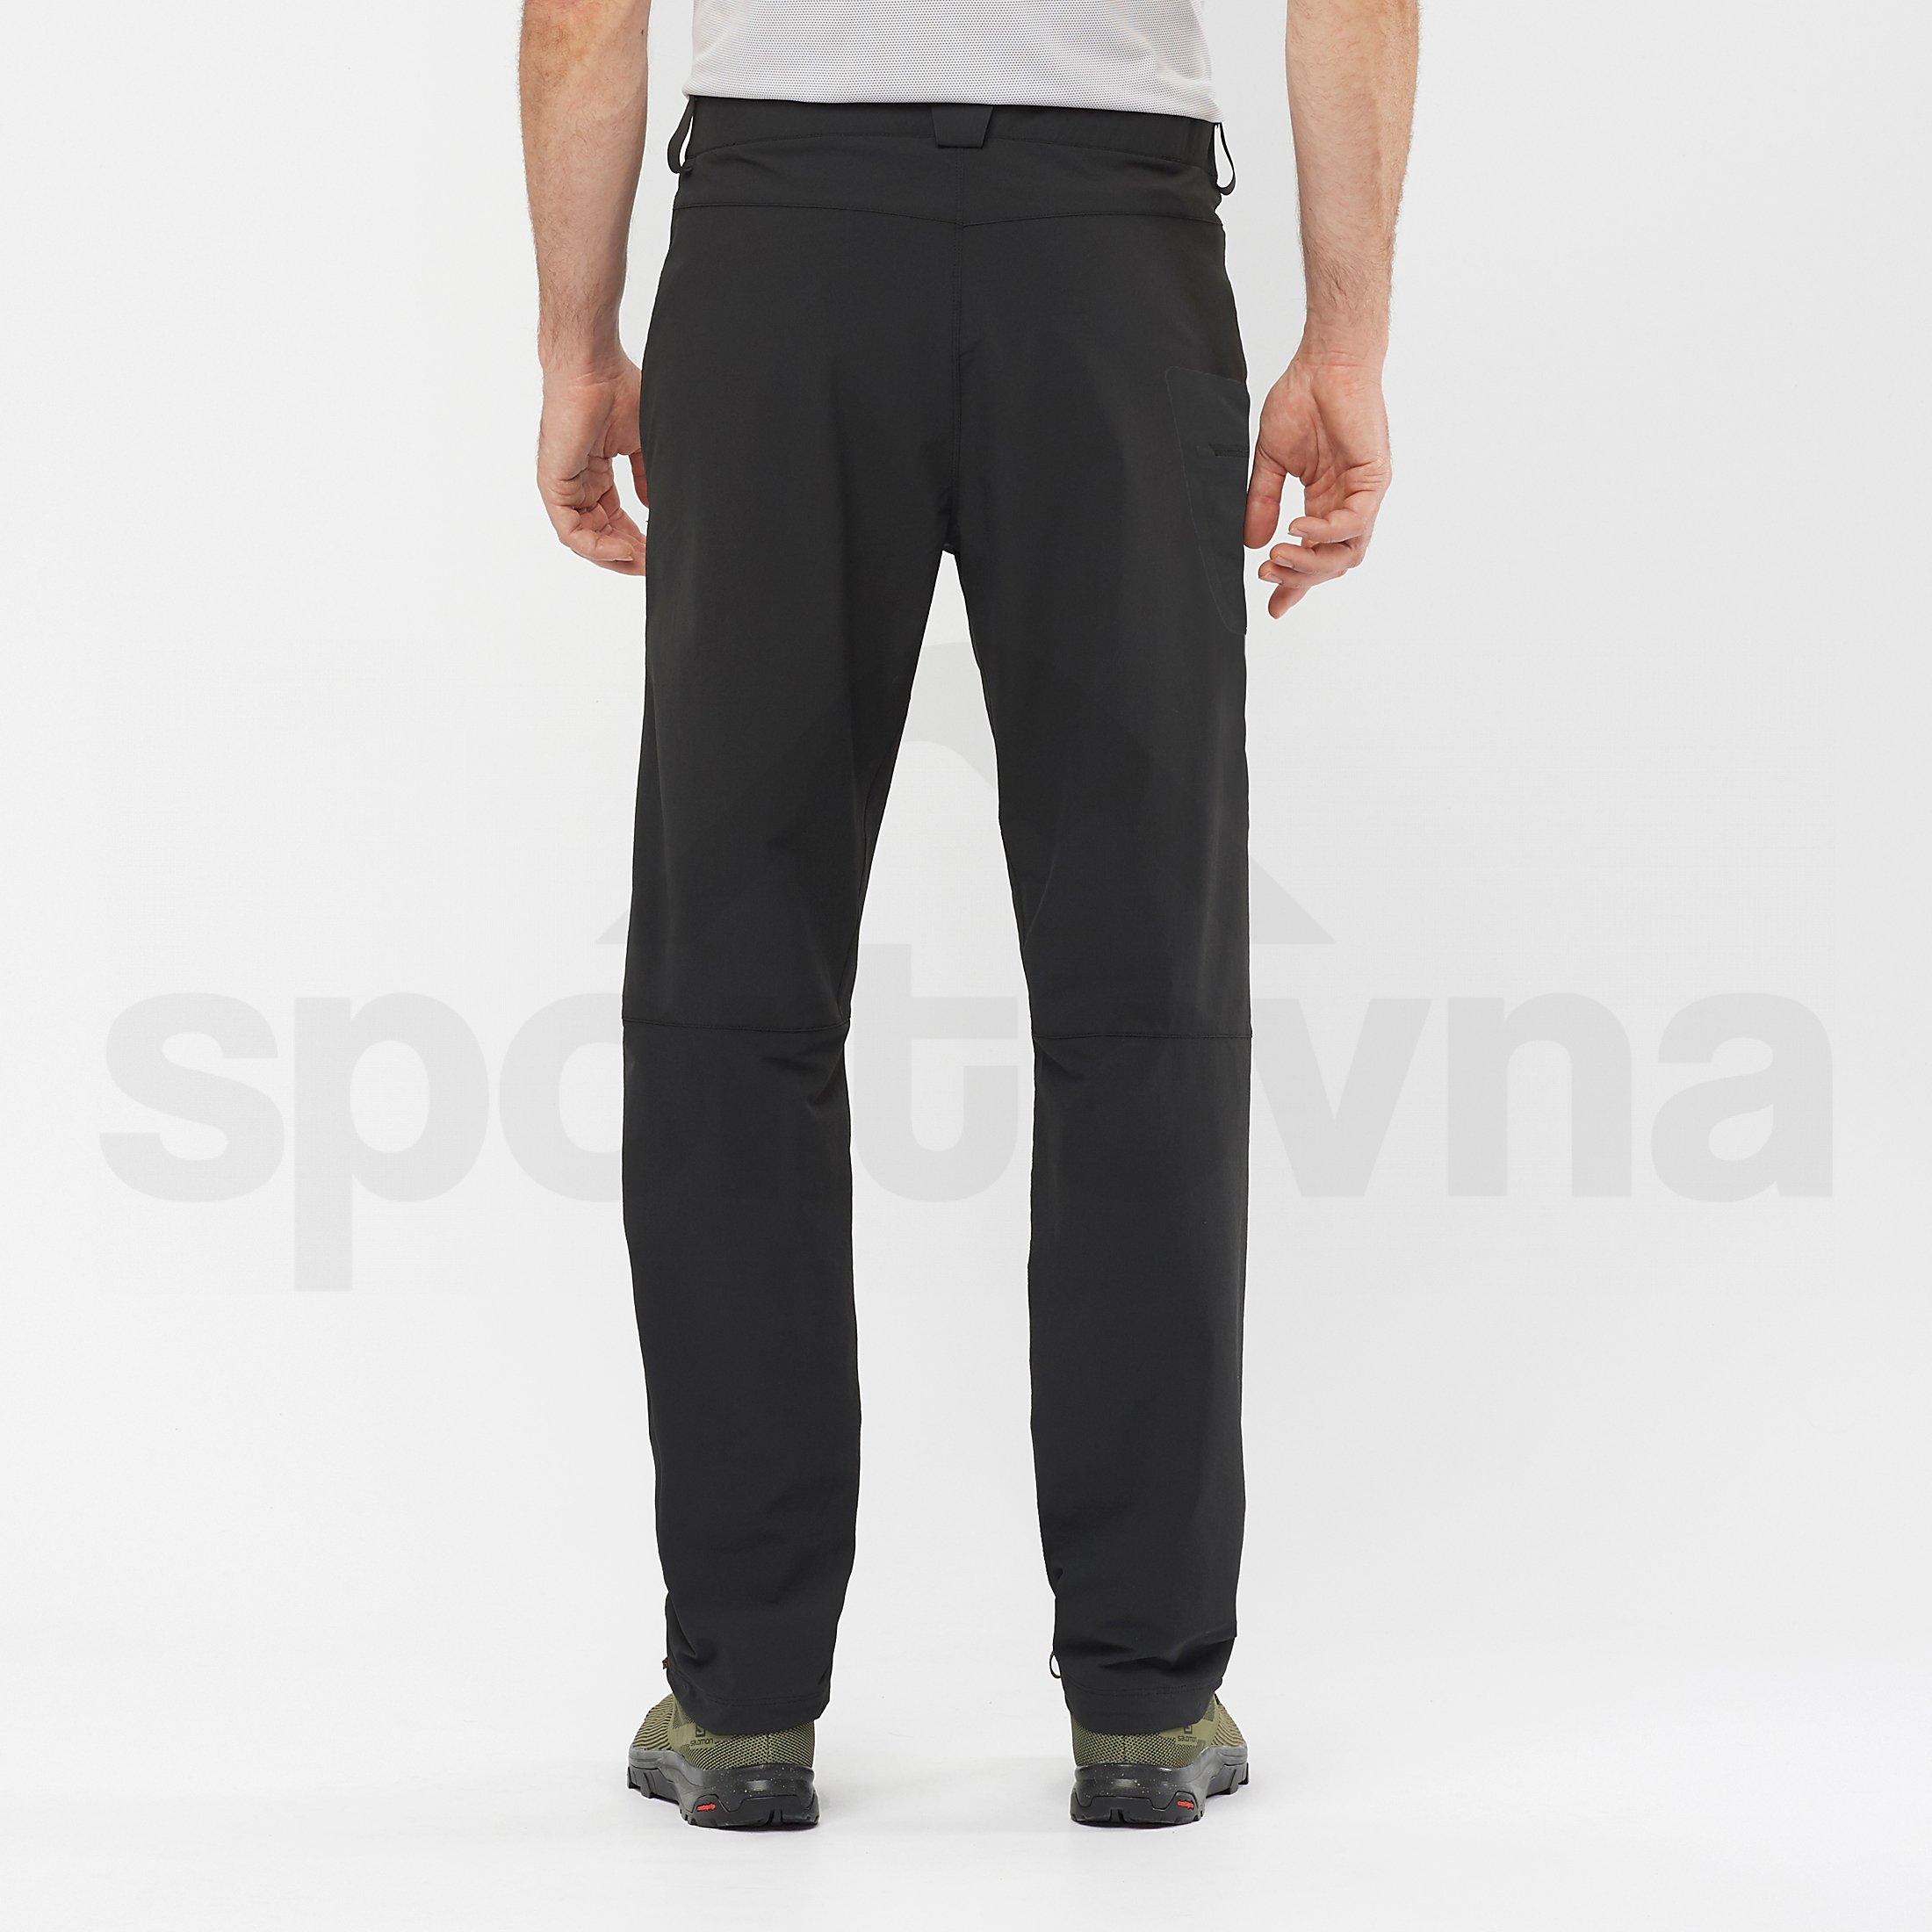 Kalhoty Salomon Wayfarer Straight Pant M - černá